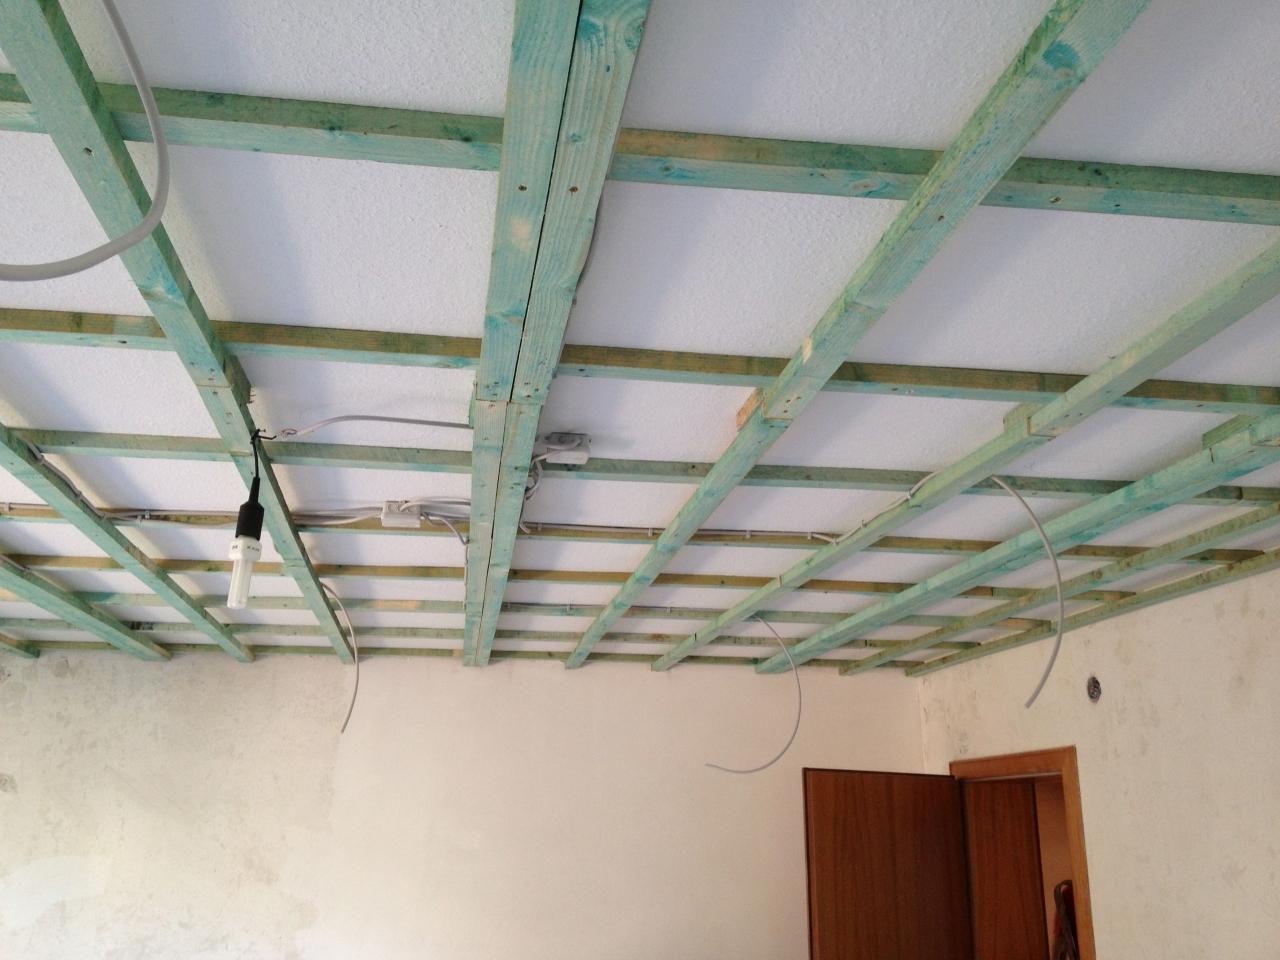 Bevorzugt Wohnzimmerdecke abhängen und Lichtinstallation - Bauanleitung zum SZ92